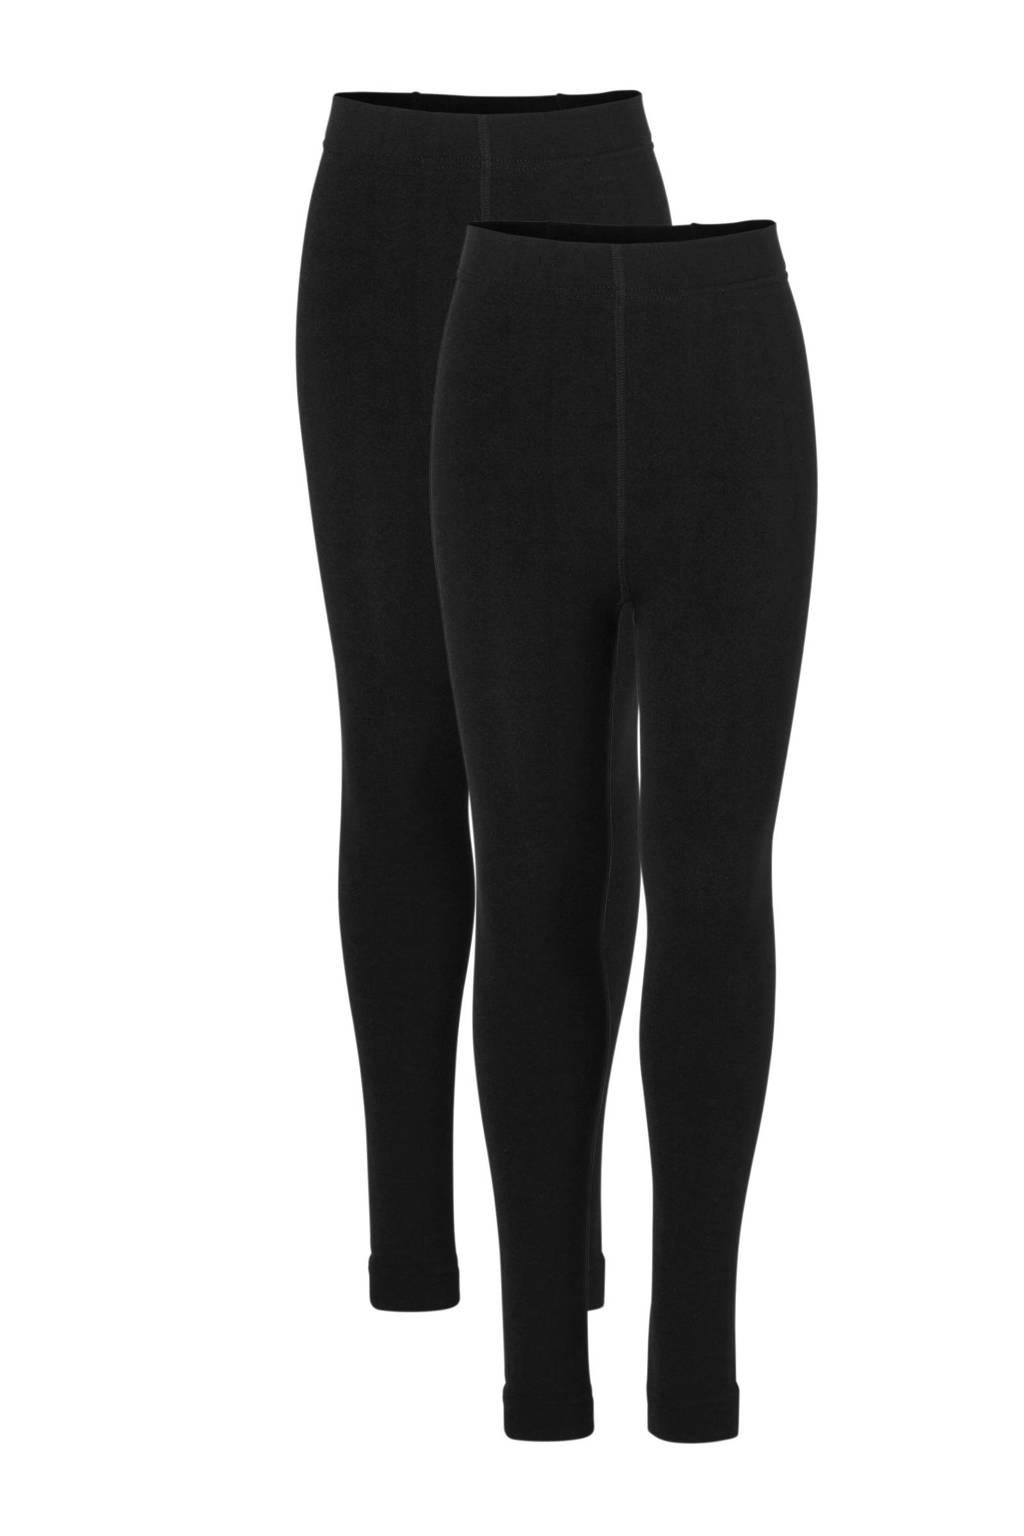 whkmp's own thermo legging - 2 paar, Zwart